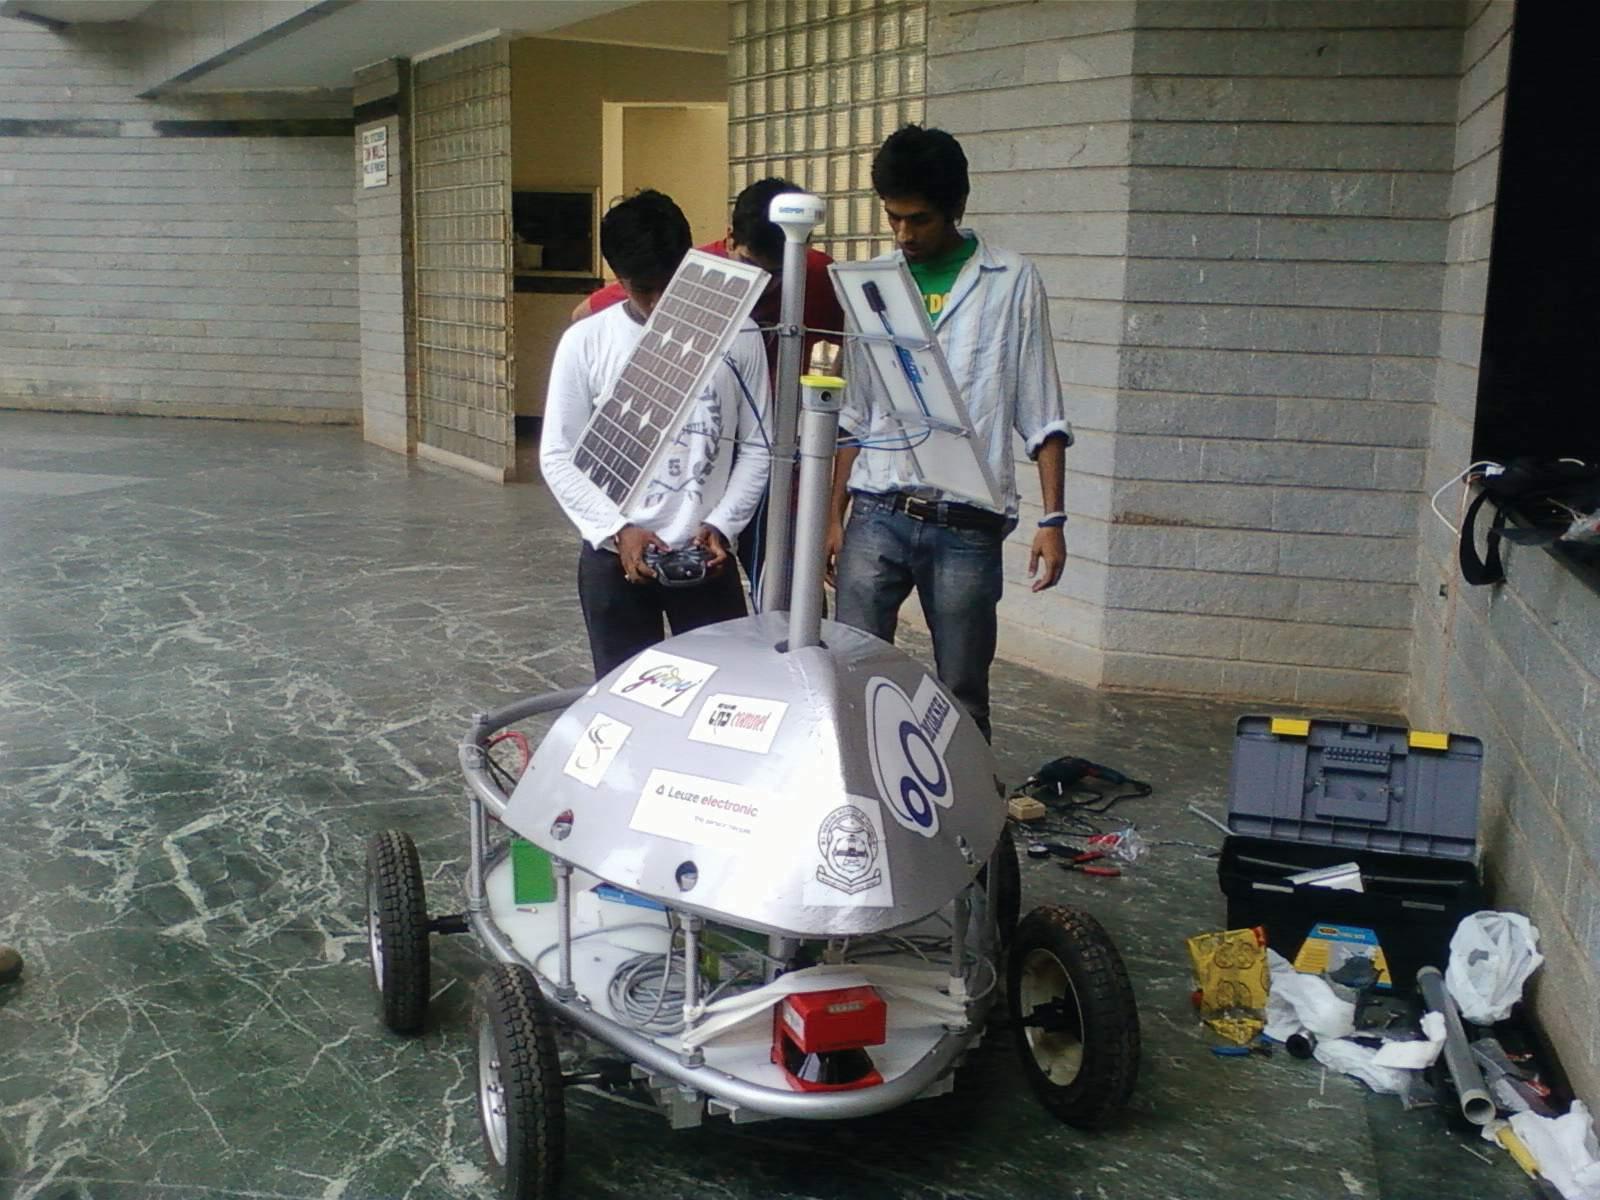 The RoboMSR team